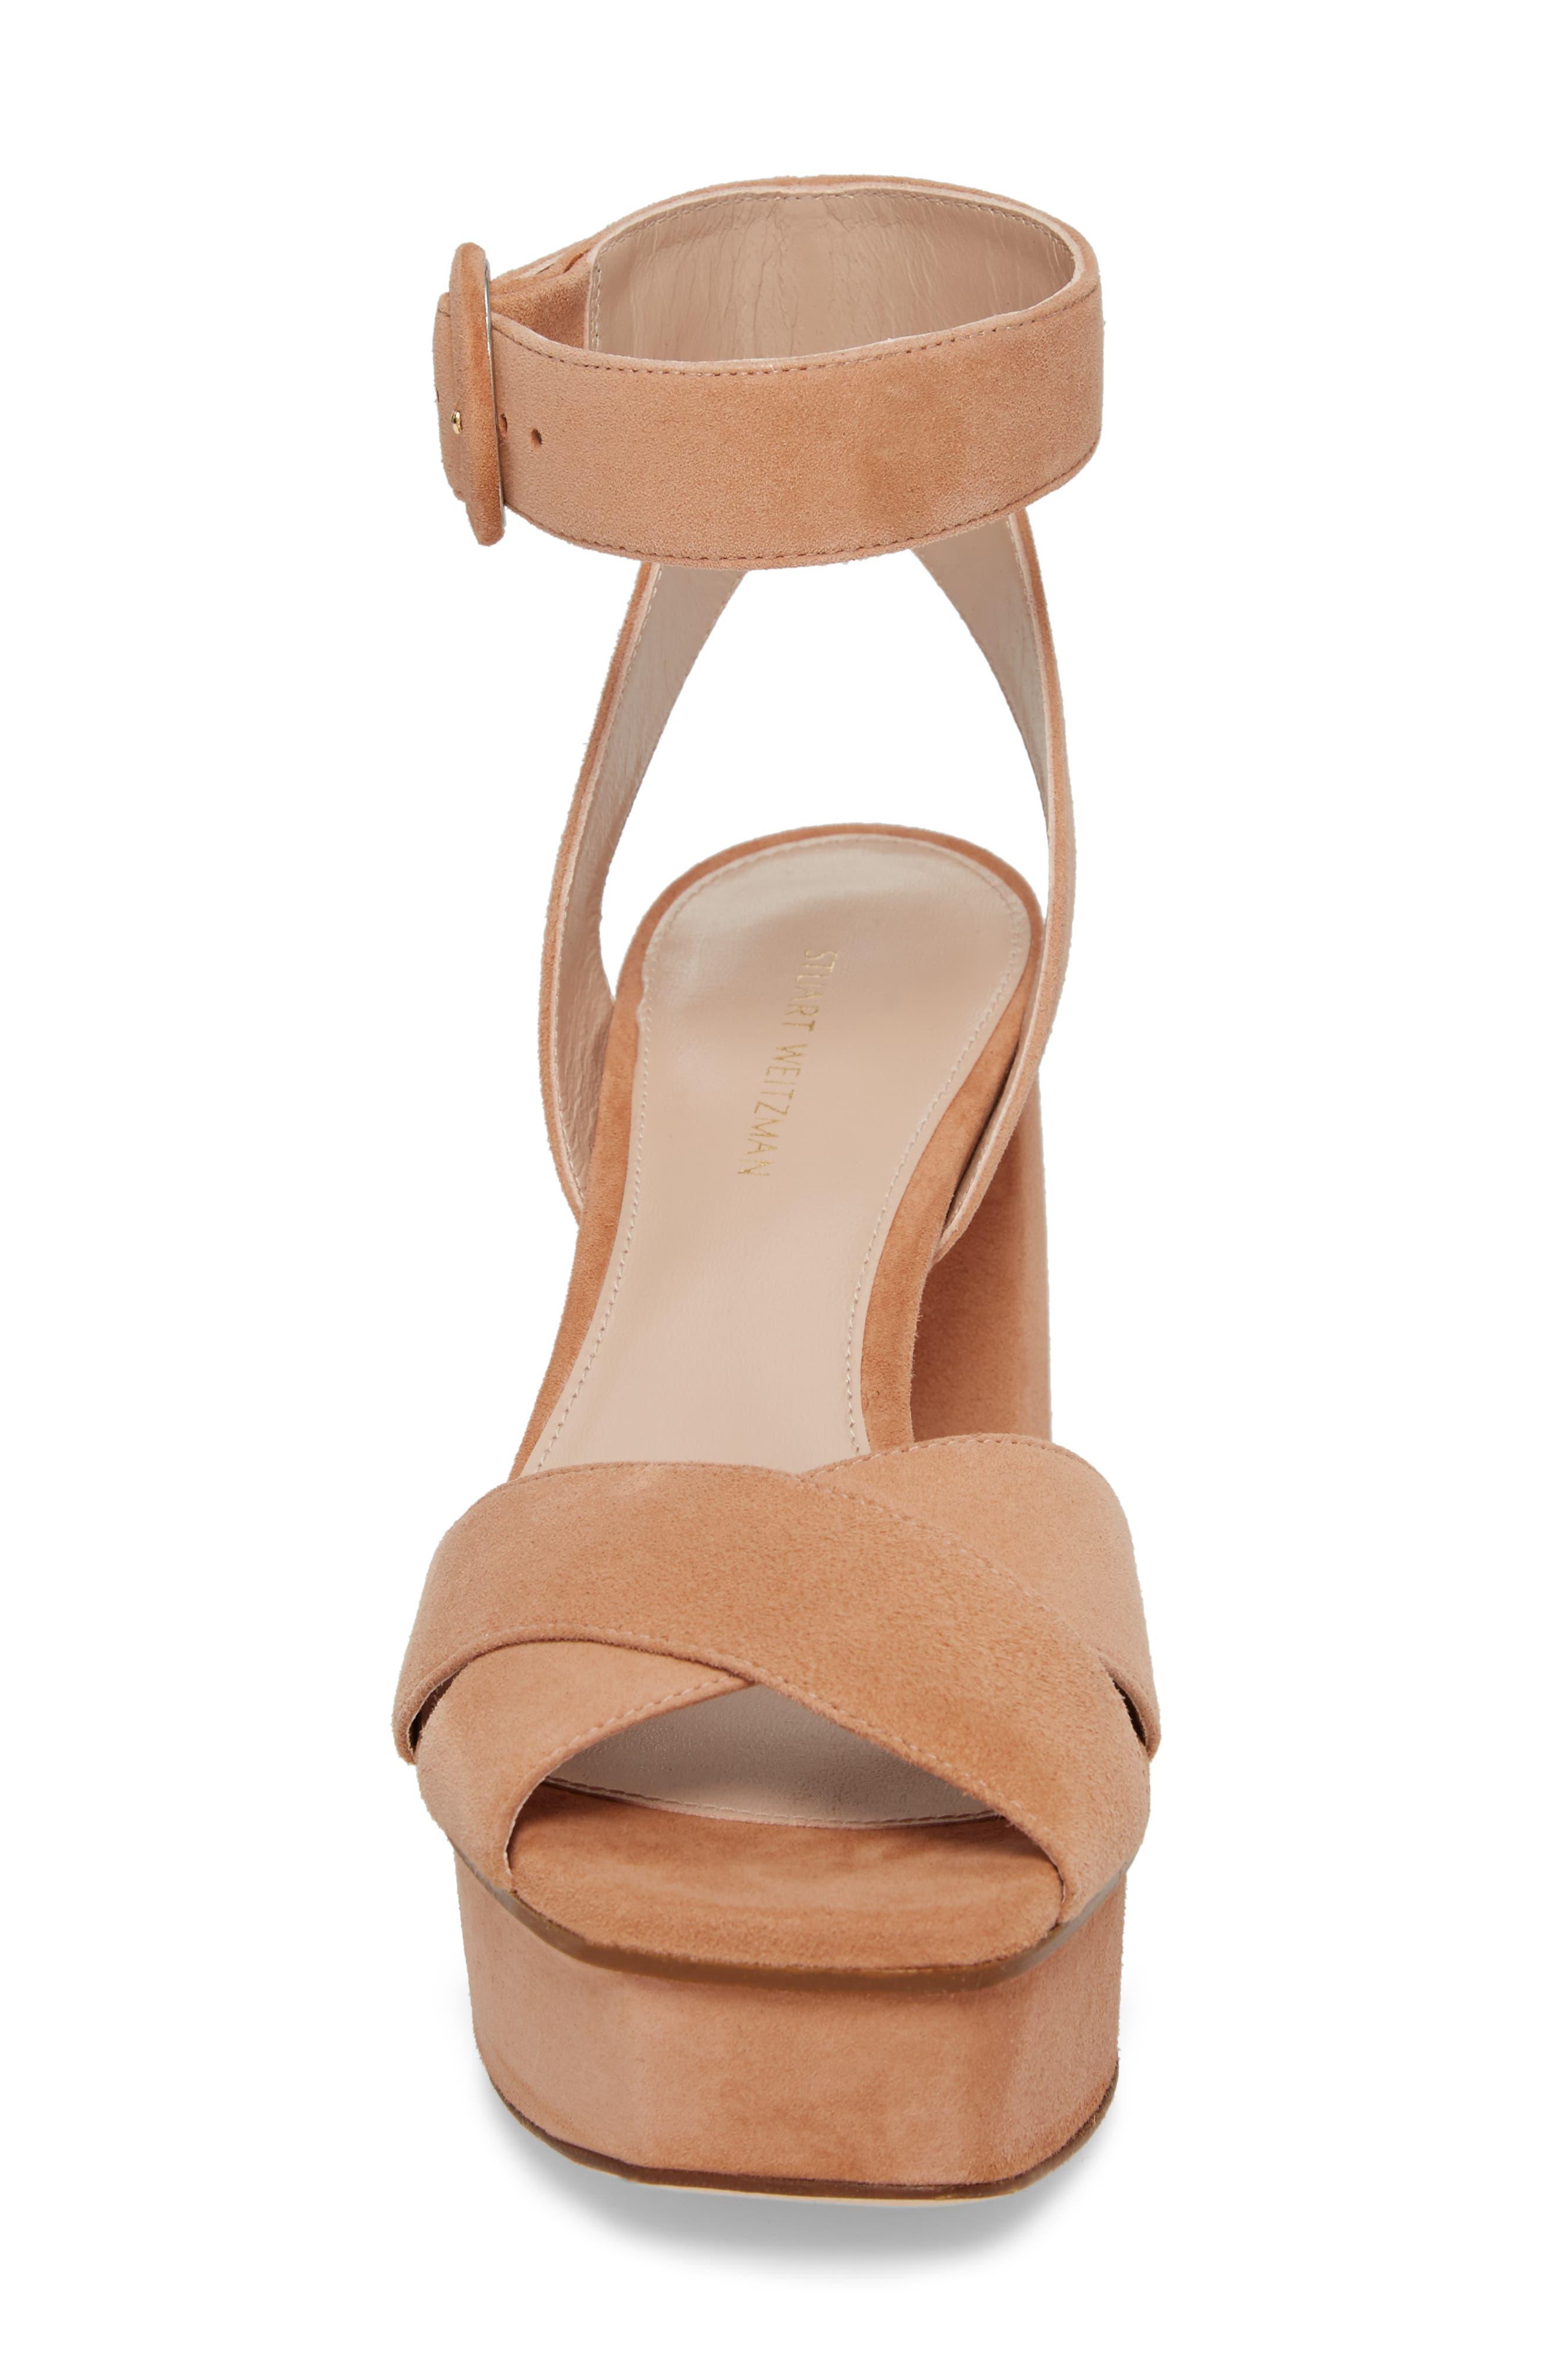 Carmina Ankle Strap Platform Sandal,                             Alternate thumbnail 4, color,                             Naked Seda Suede